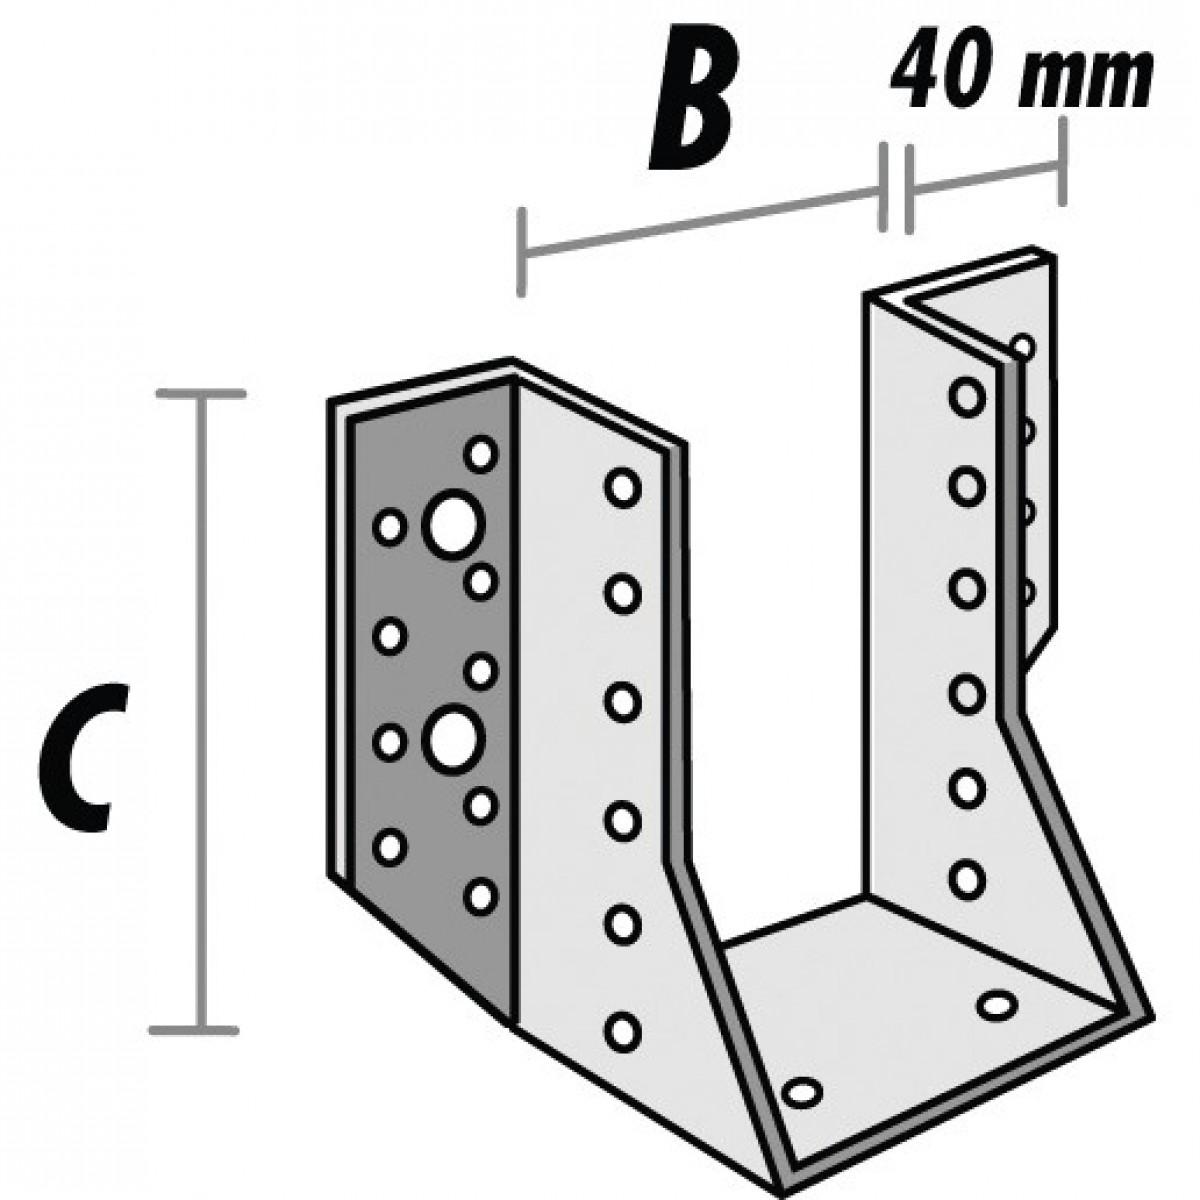 Sabot de solive aile extérieure - 105 mm x 50 mm - Alberts